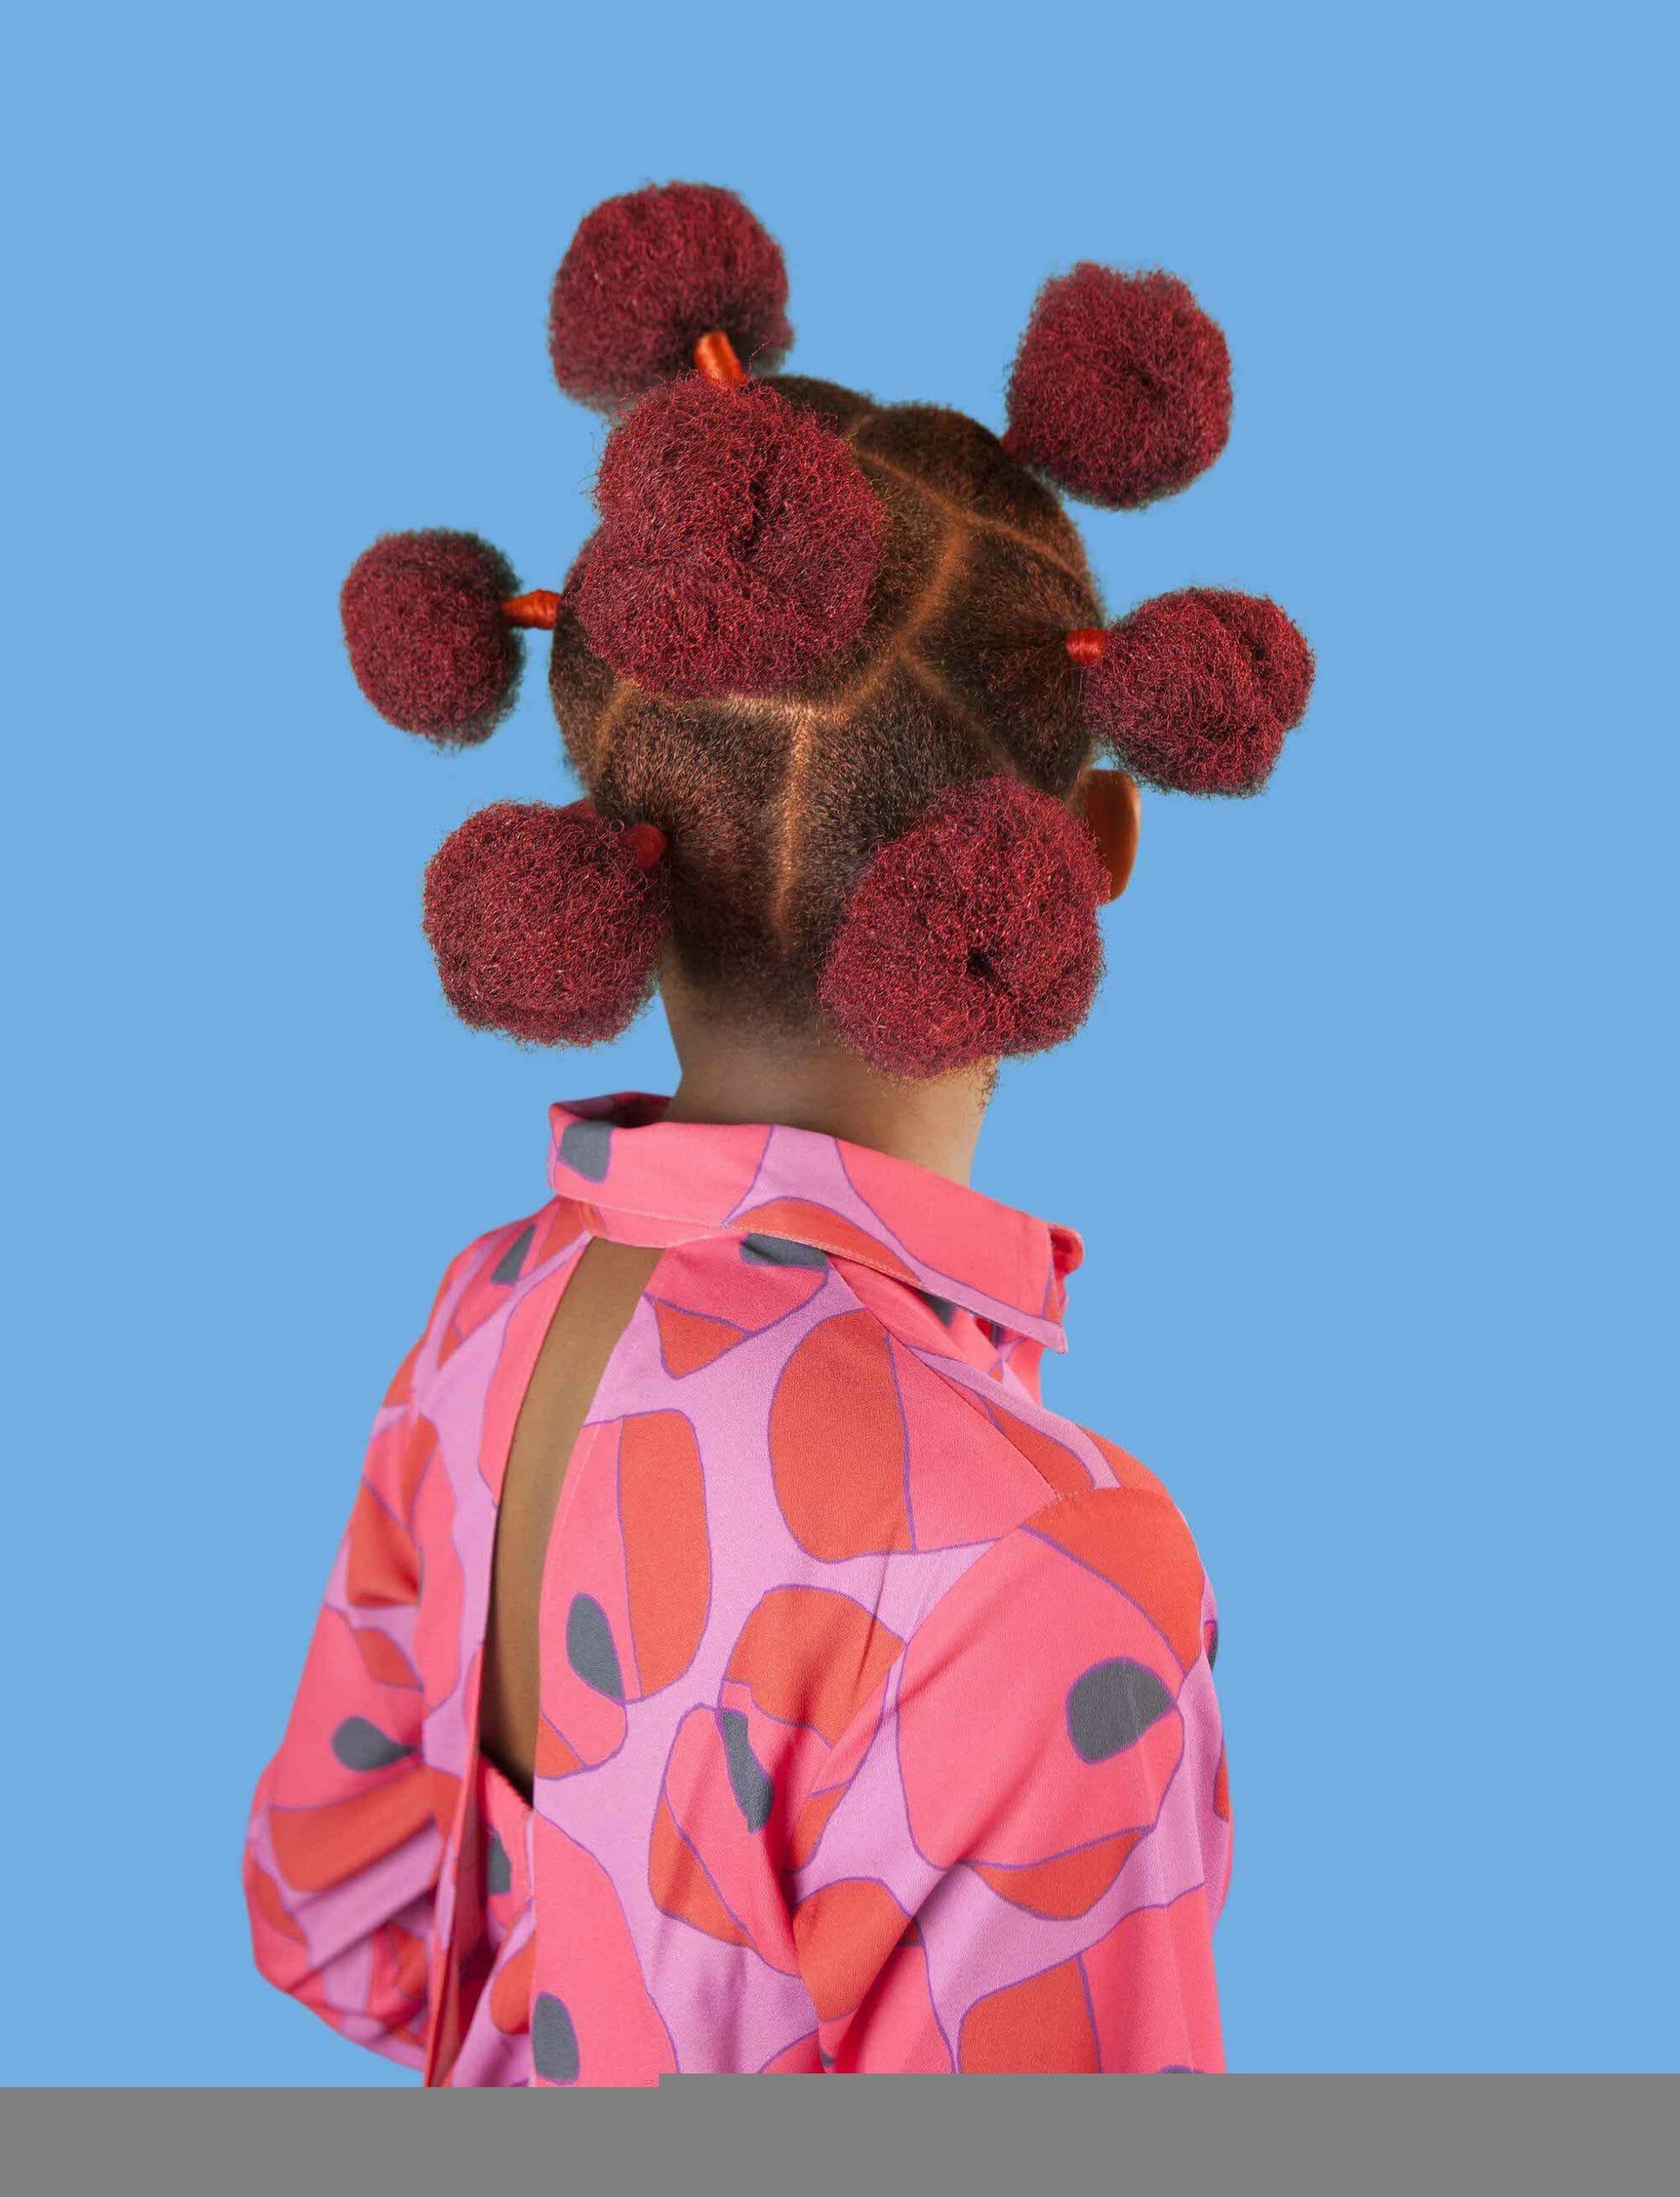 Medina Dugger, Chroma, série photo de coiffures nigérianes